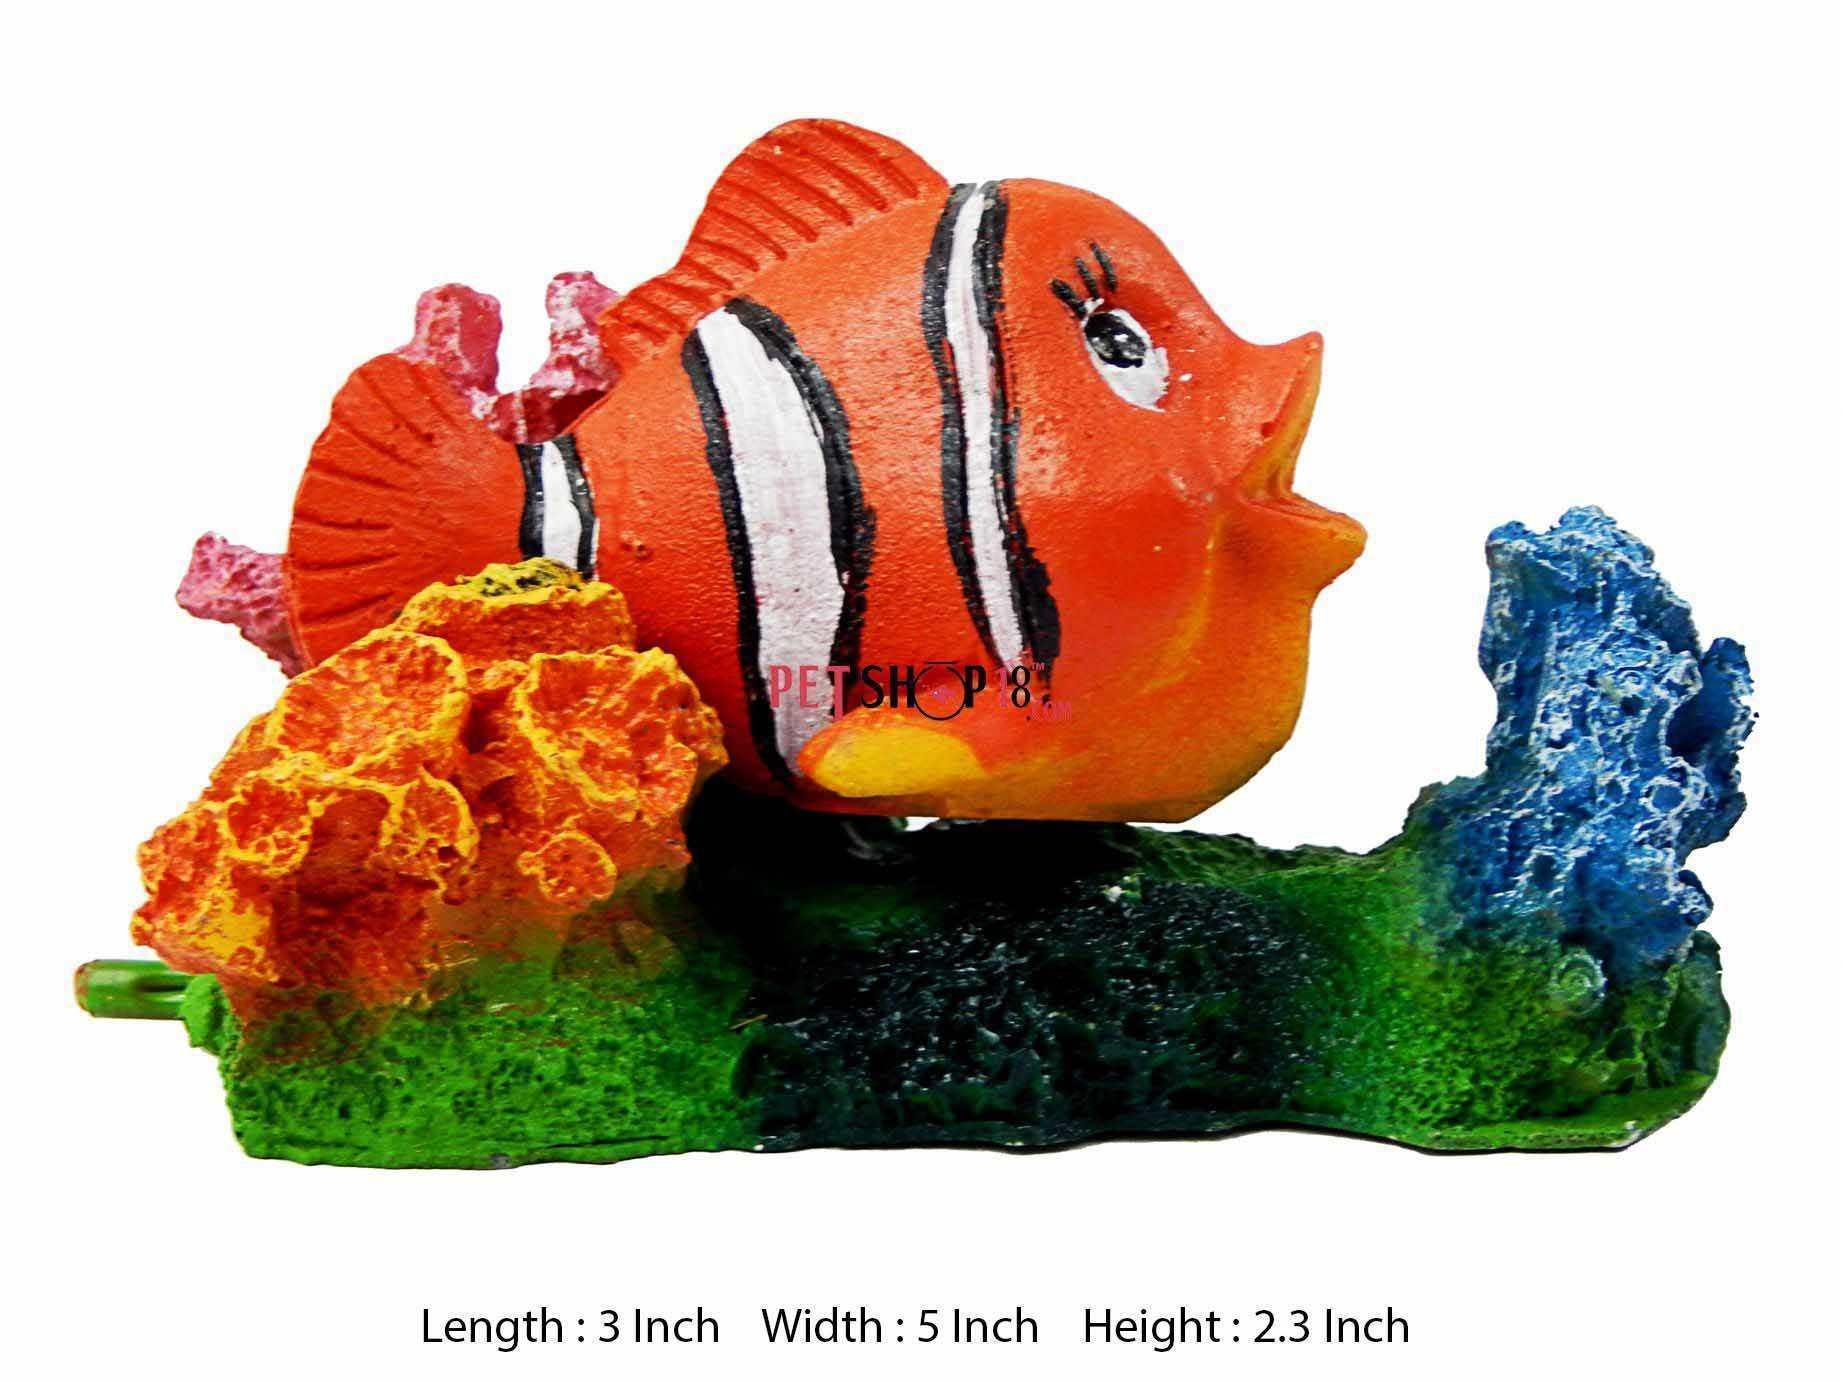 Fish aquarium in gurgaon - Nimo Rock Fish Aquarium Toy